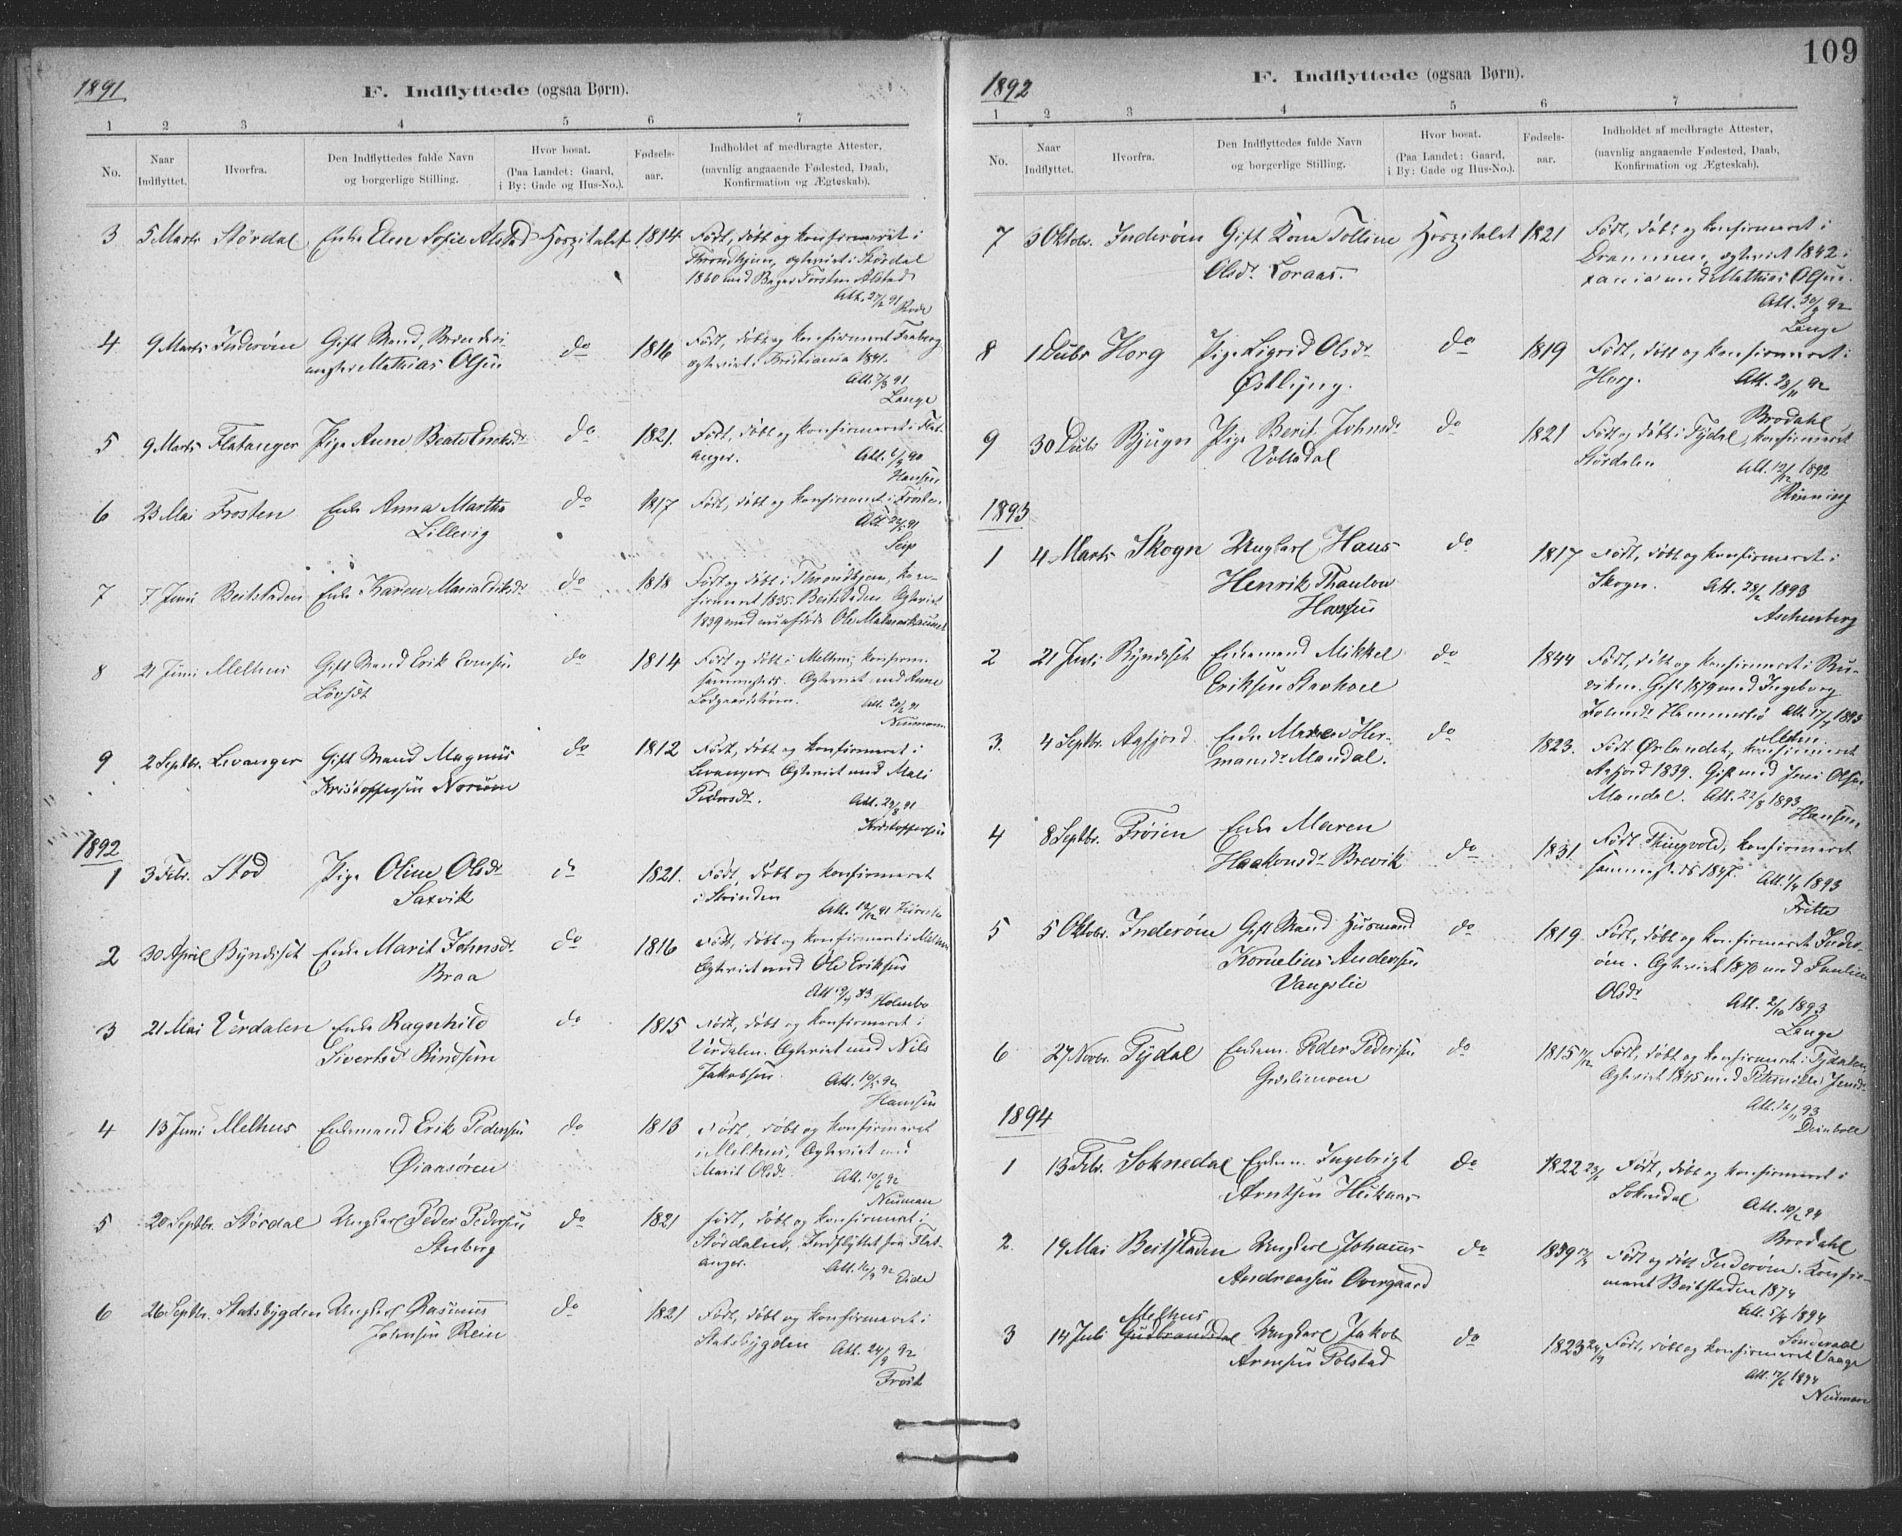 SAT, Ministerialprotokoller, klokkerbøker og fødselsregistre - Sør-Trøndelag, 623/L0470: Ministerialbok nr. 623A04, 1884-1938, s. 109